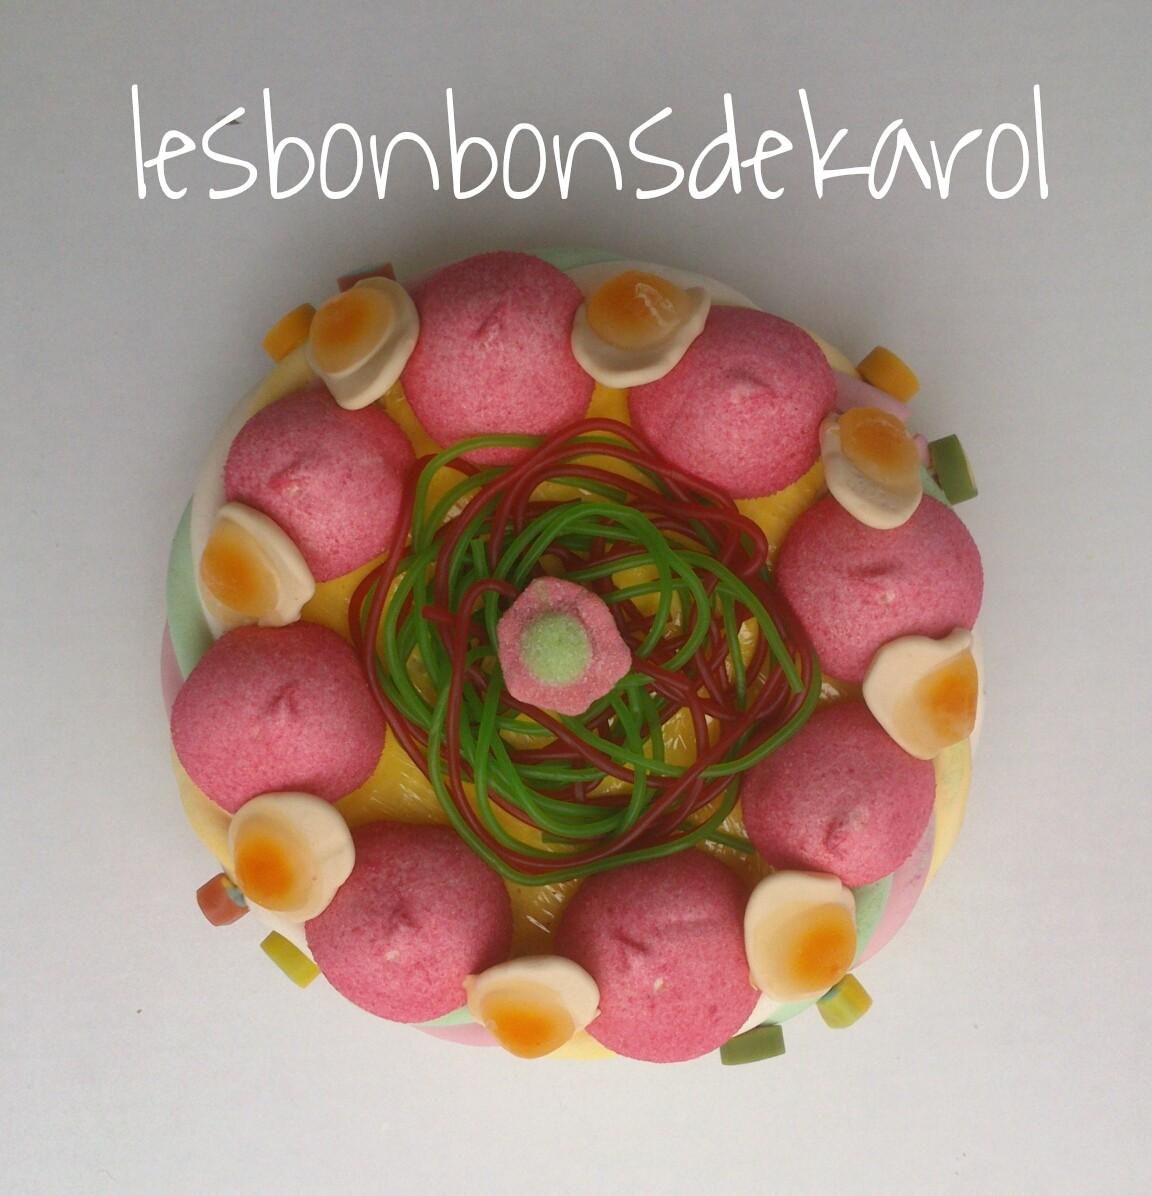 FRAISES au PRINTEMPS 12,50 € (225 gr et 35 bonbons + 1 tresse - diam 20 ht 8 cm)